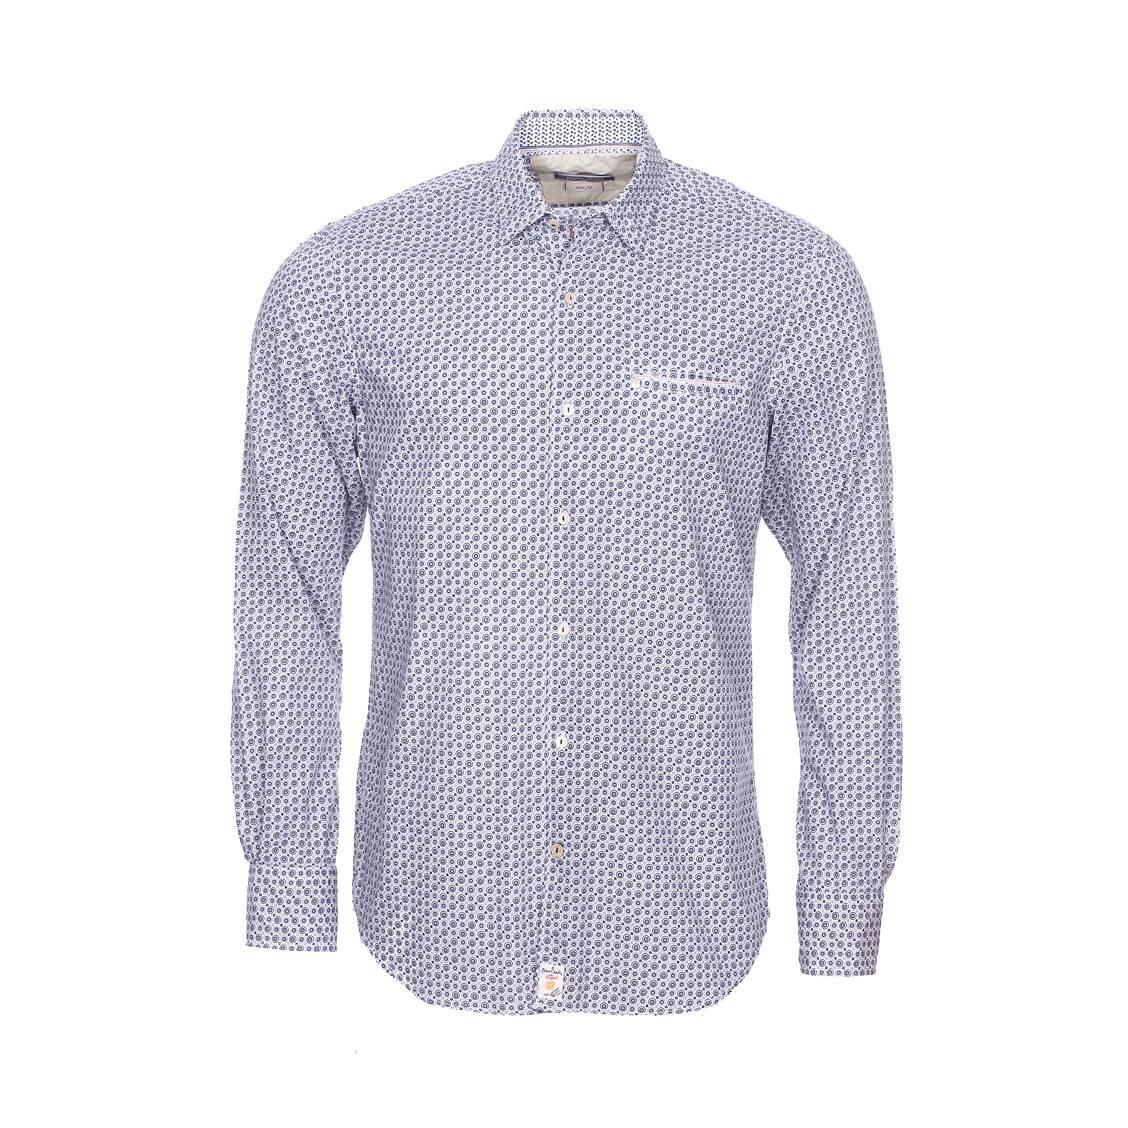 Chemise cintrée  en coton blanc à pois fantaisies bleu indigo